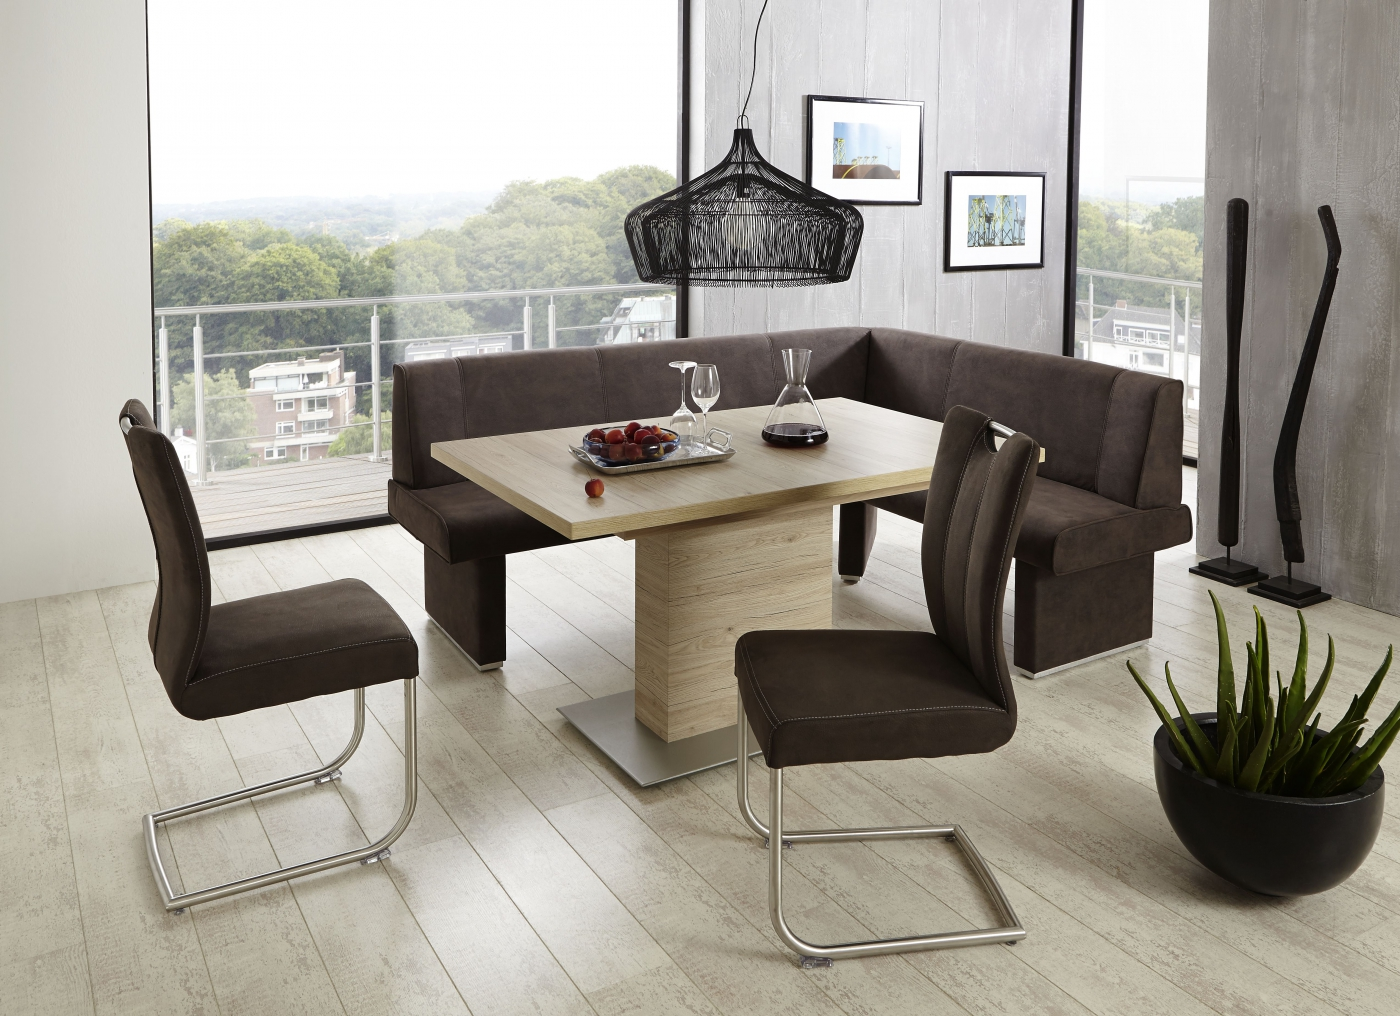 mbel borken cool kchen einbaukchen in borken finden sie bei mbel siebelt with mbel borken free. Black Bedroom Furniture Sets. Home Design Ideas